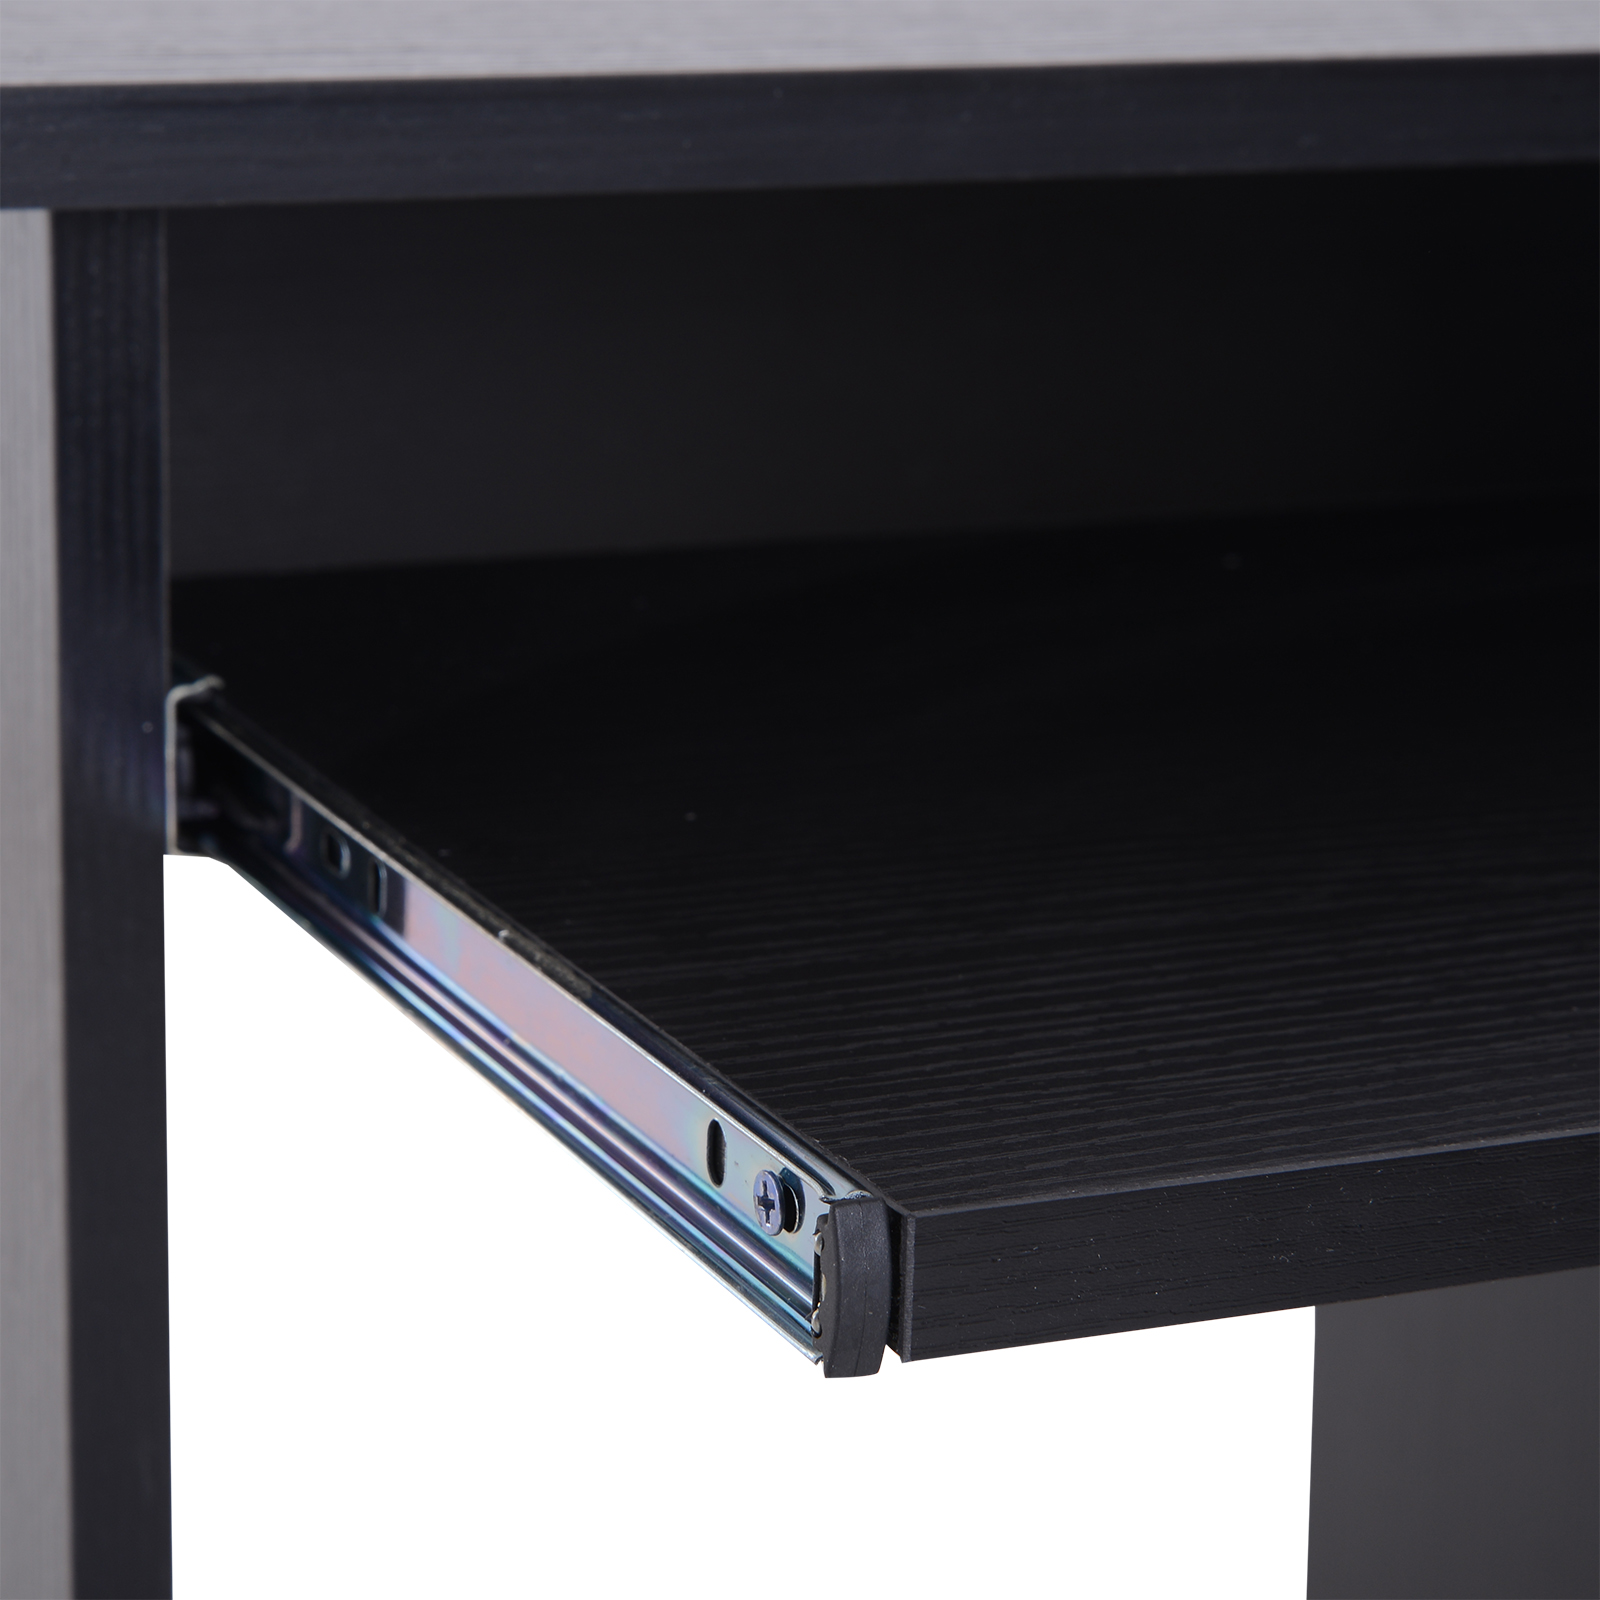 Indexbild 18 - HOMCOM Computertisch Schreibtisch Bürotisch Gamingtisch PC-Tisch Weiß/Schwarz